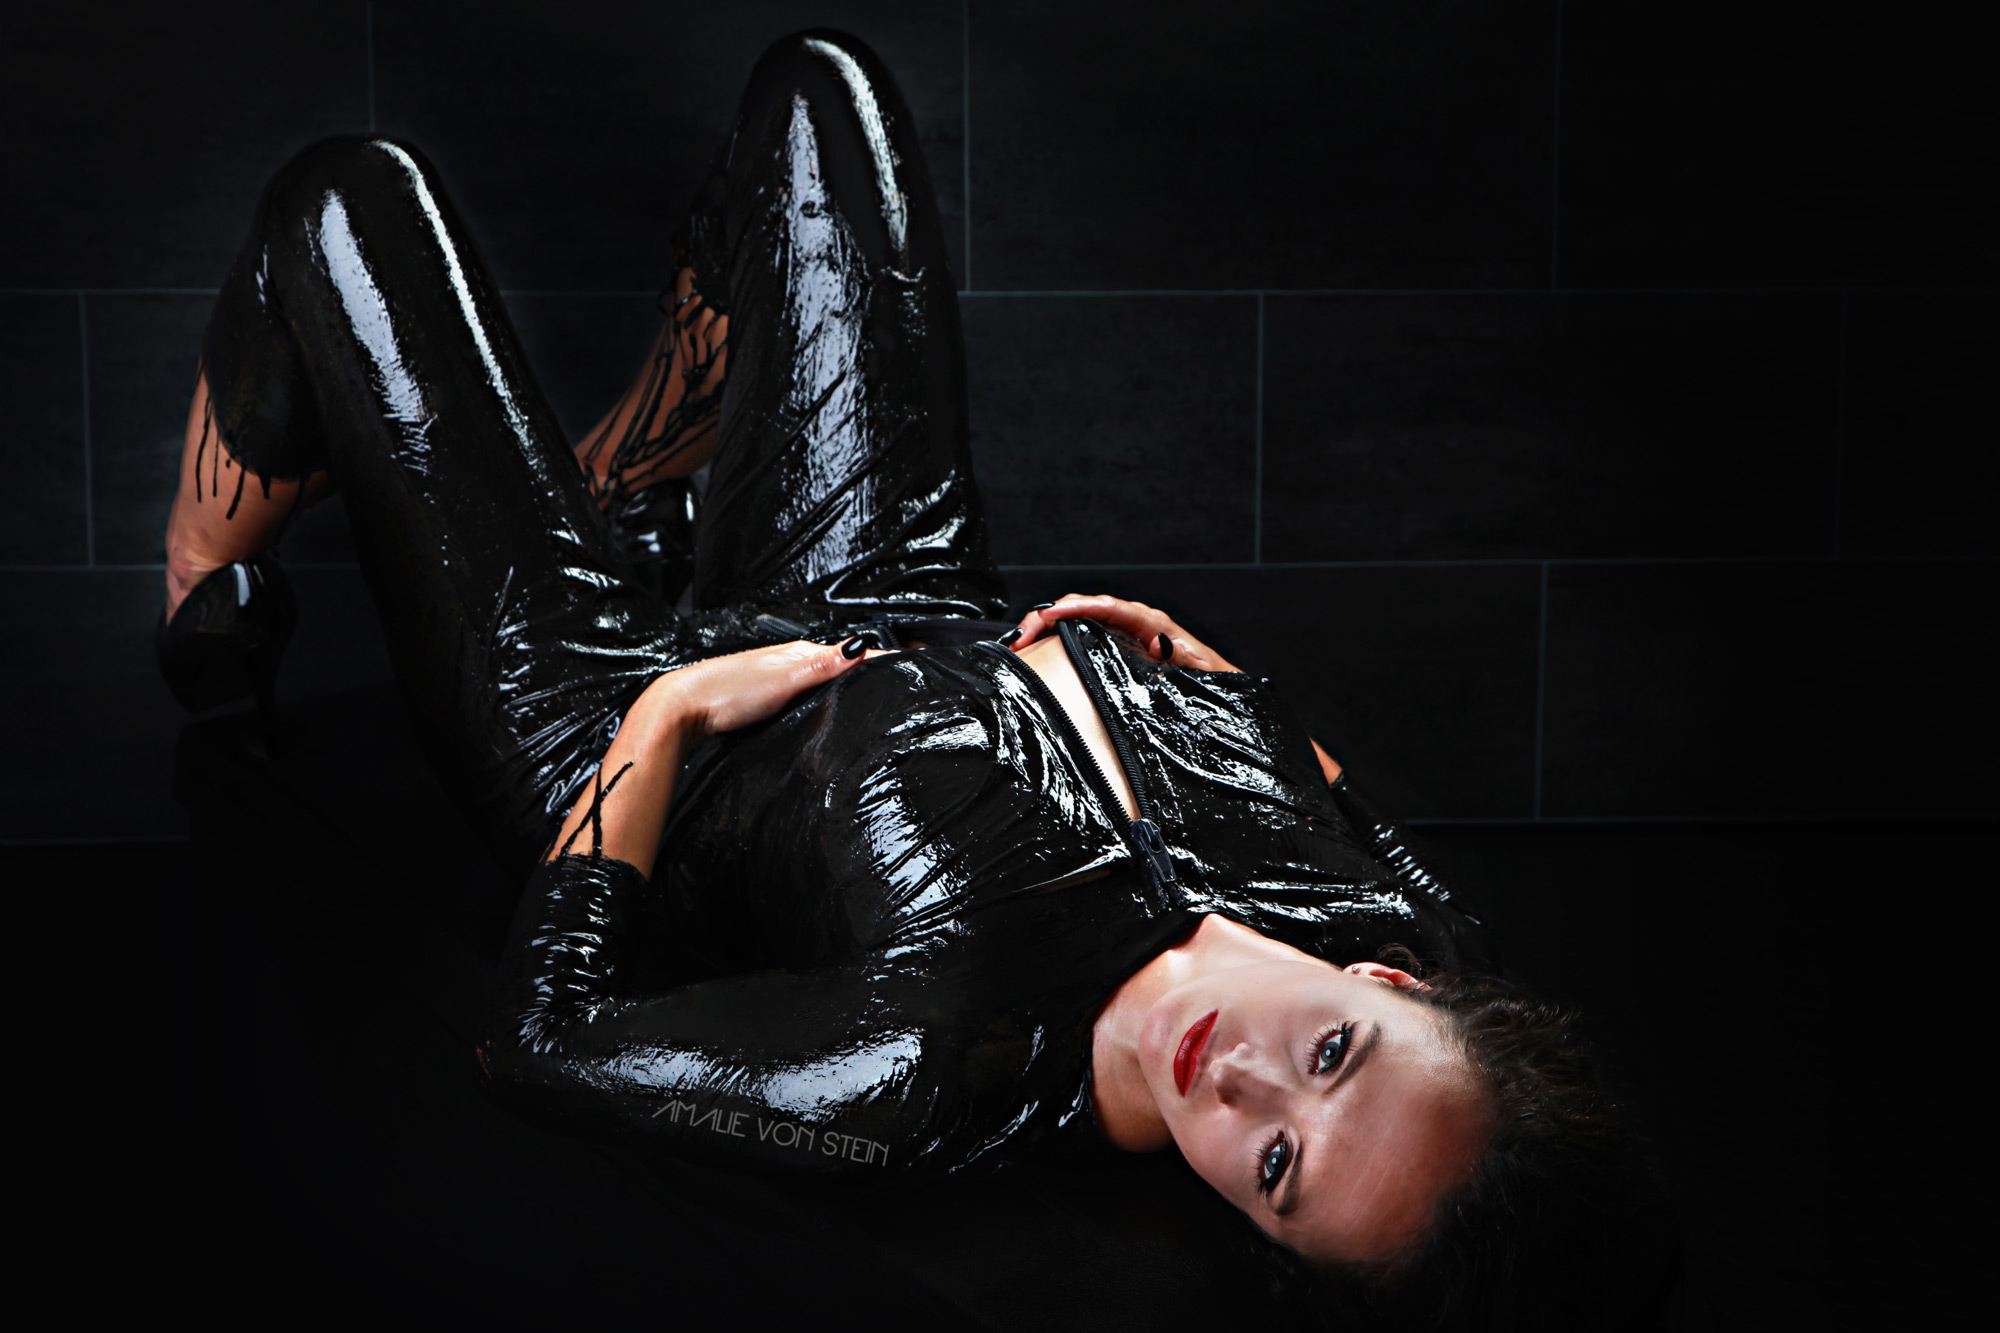 amalie-von-stein-latex-IMG_0989-03